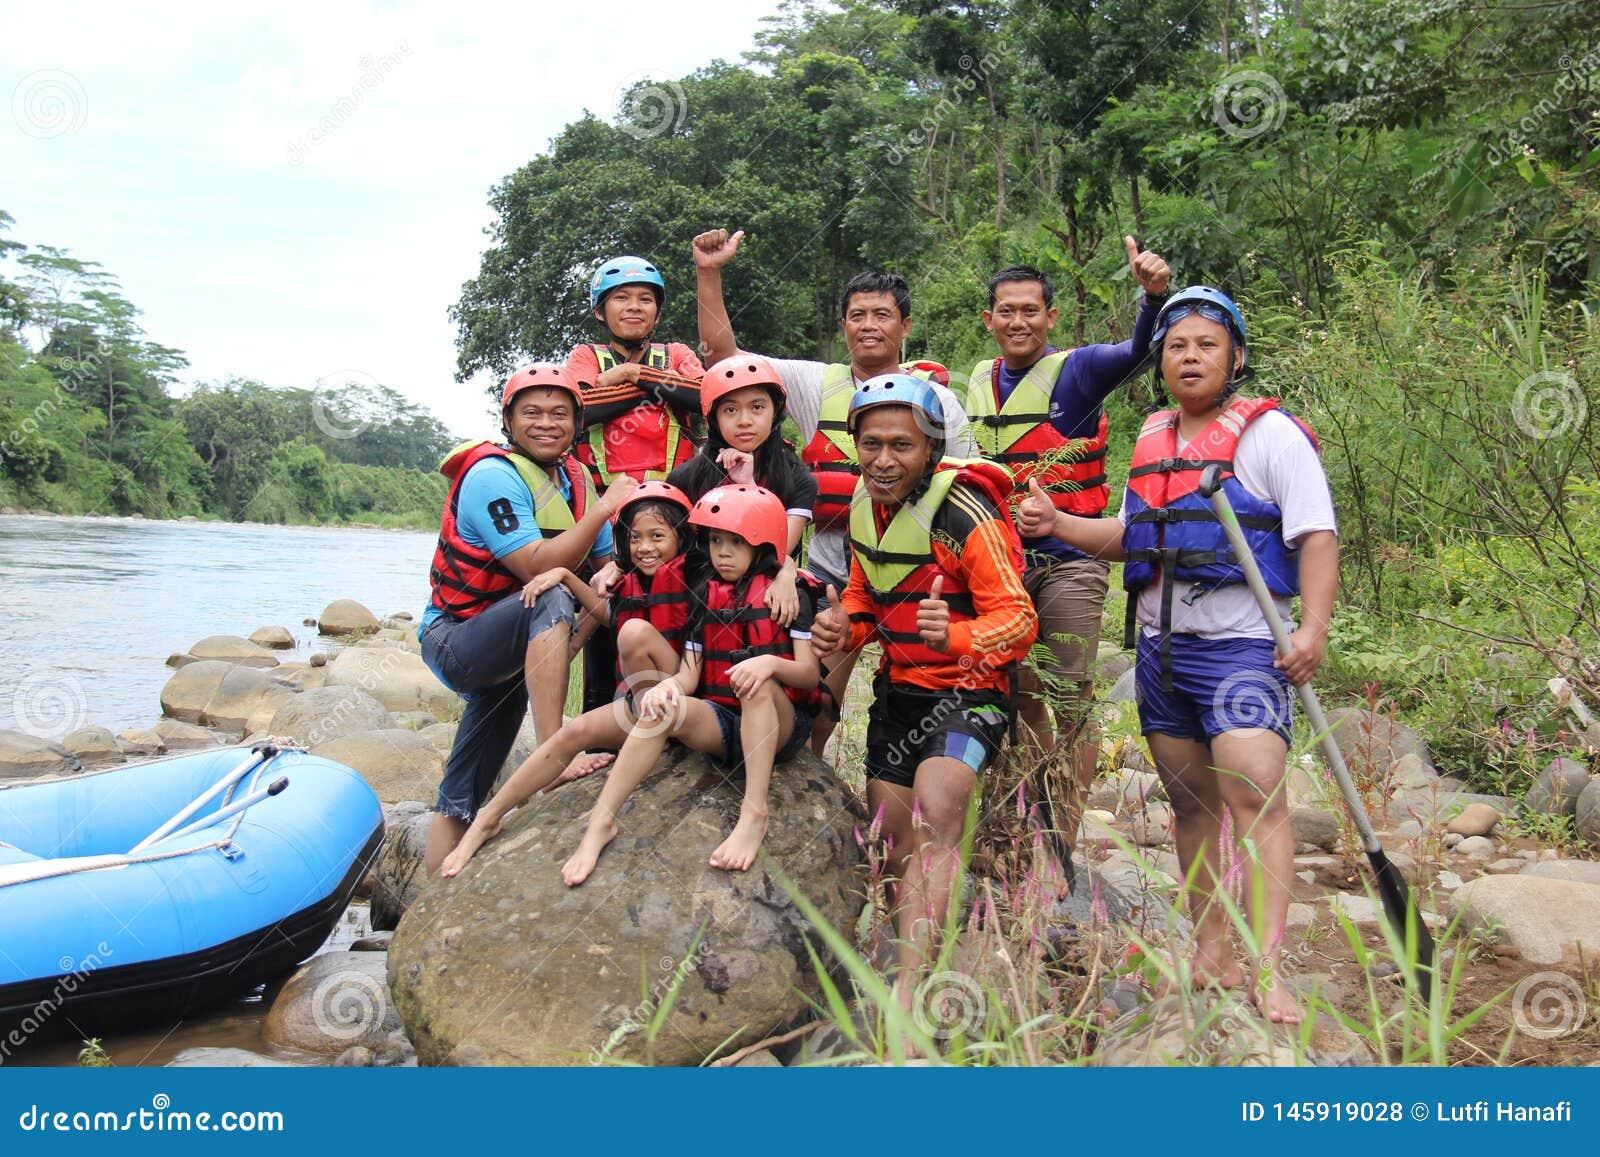 Παίζοντας ομάδας ανθρώπων σε έναν ποταμό που έχει μια βαριά ροή,